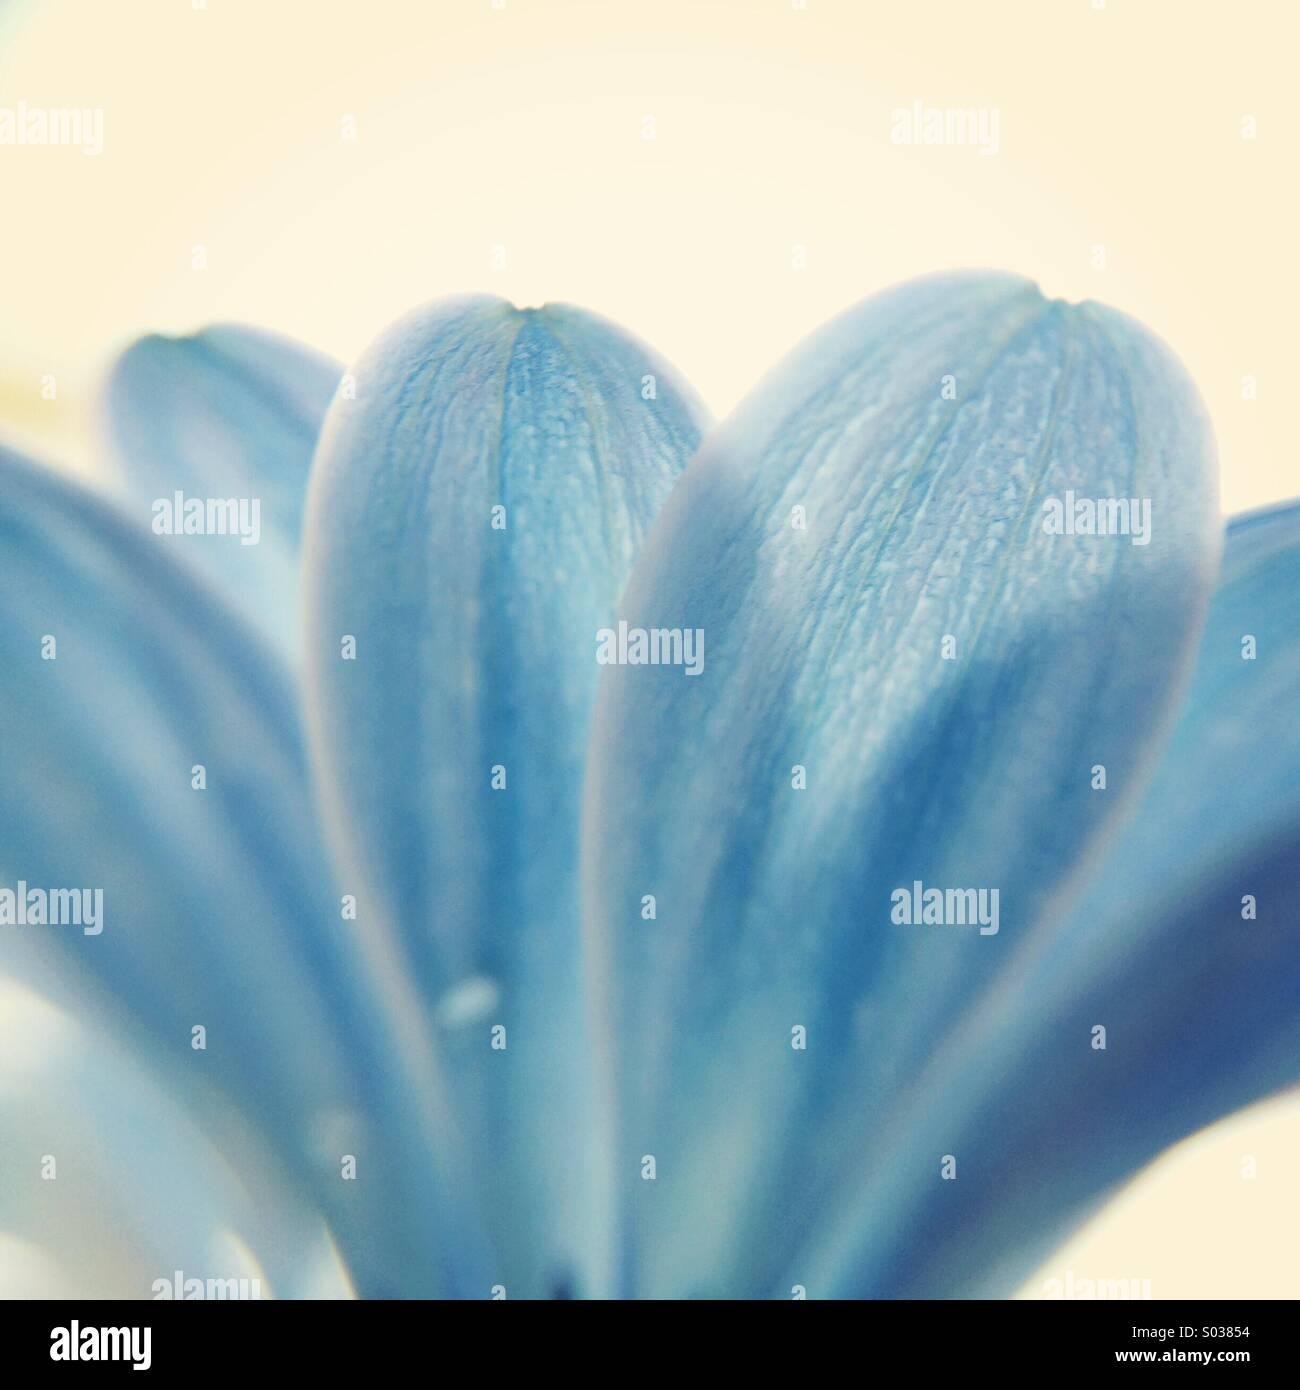 Makro der Blütenblätter einer blauen Osteospermum Blume. Stockbild